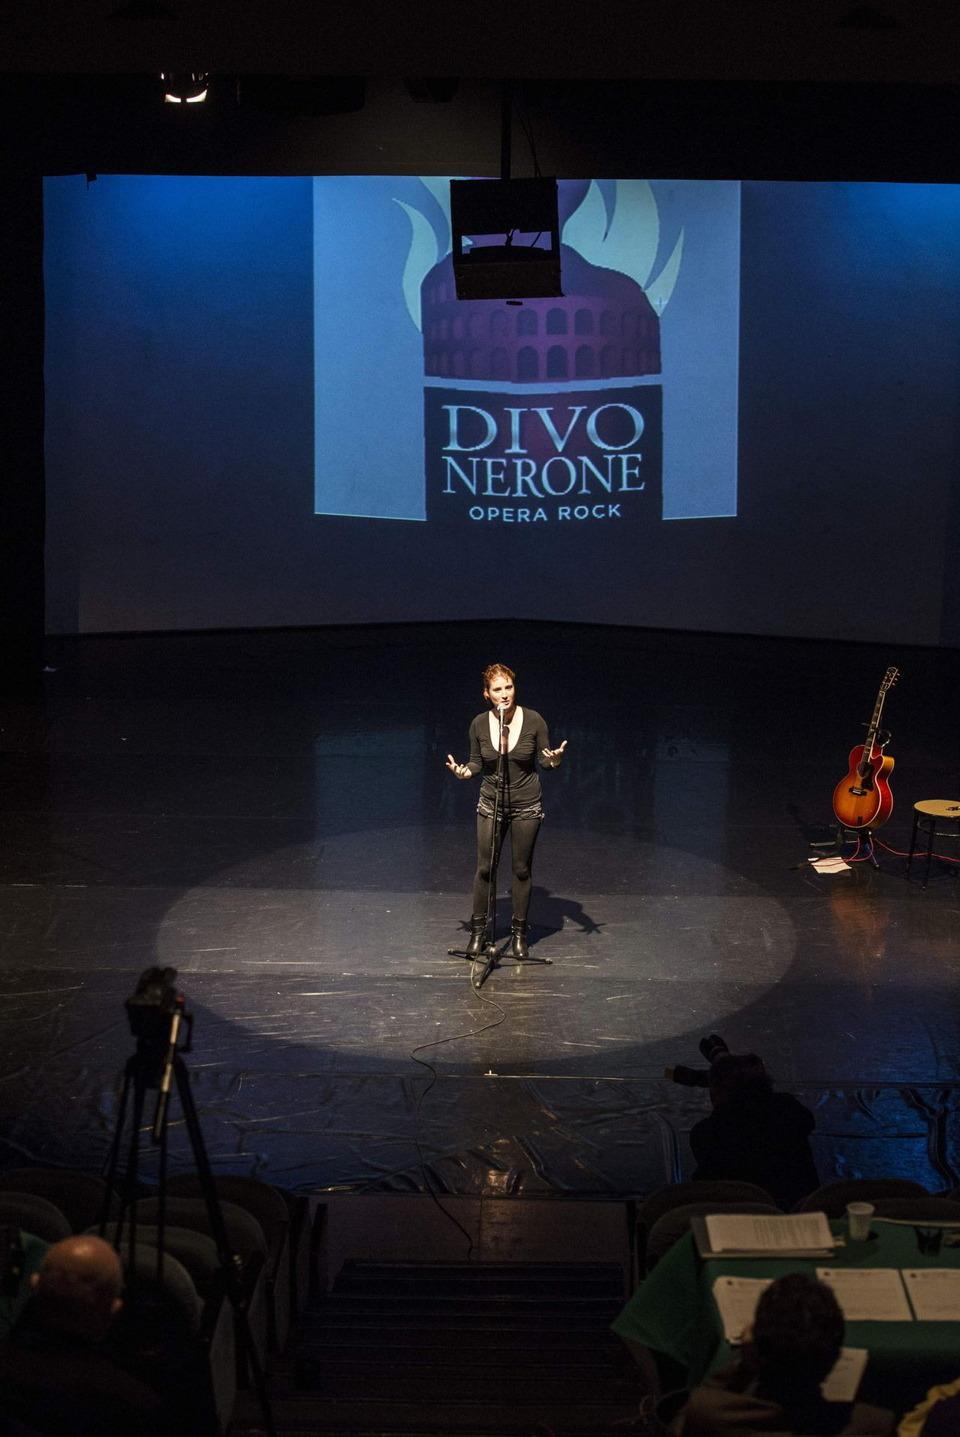 Divo nerone il casting per il colossal musical il - Divo nerone musical ...